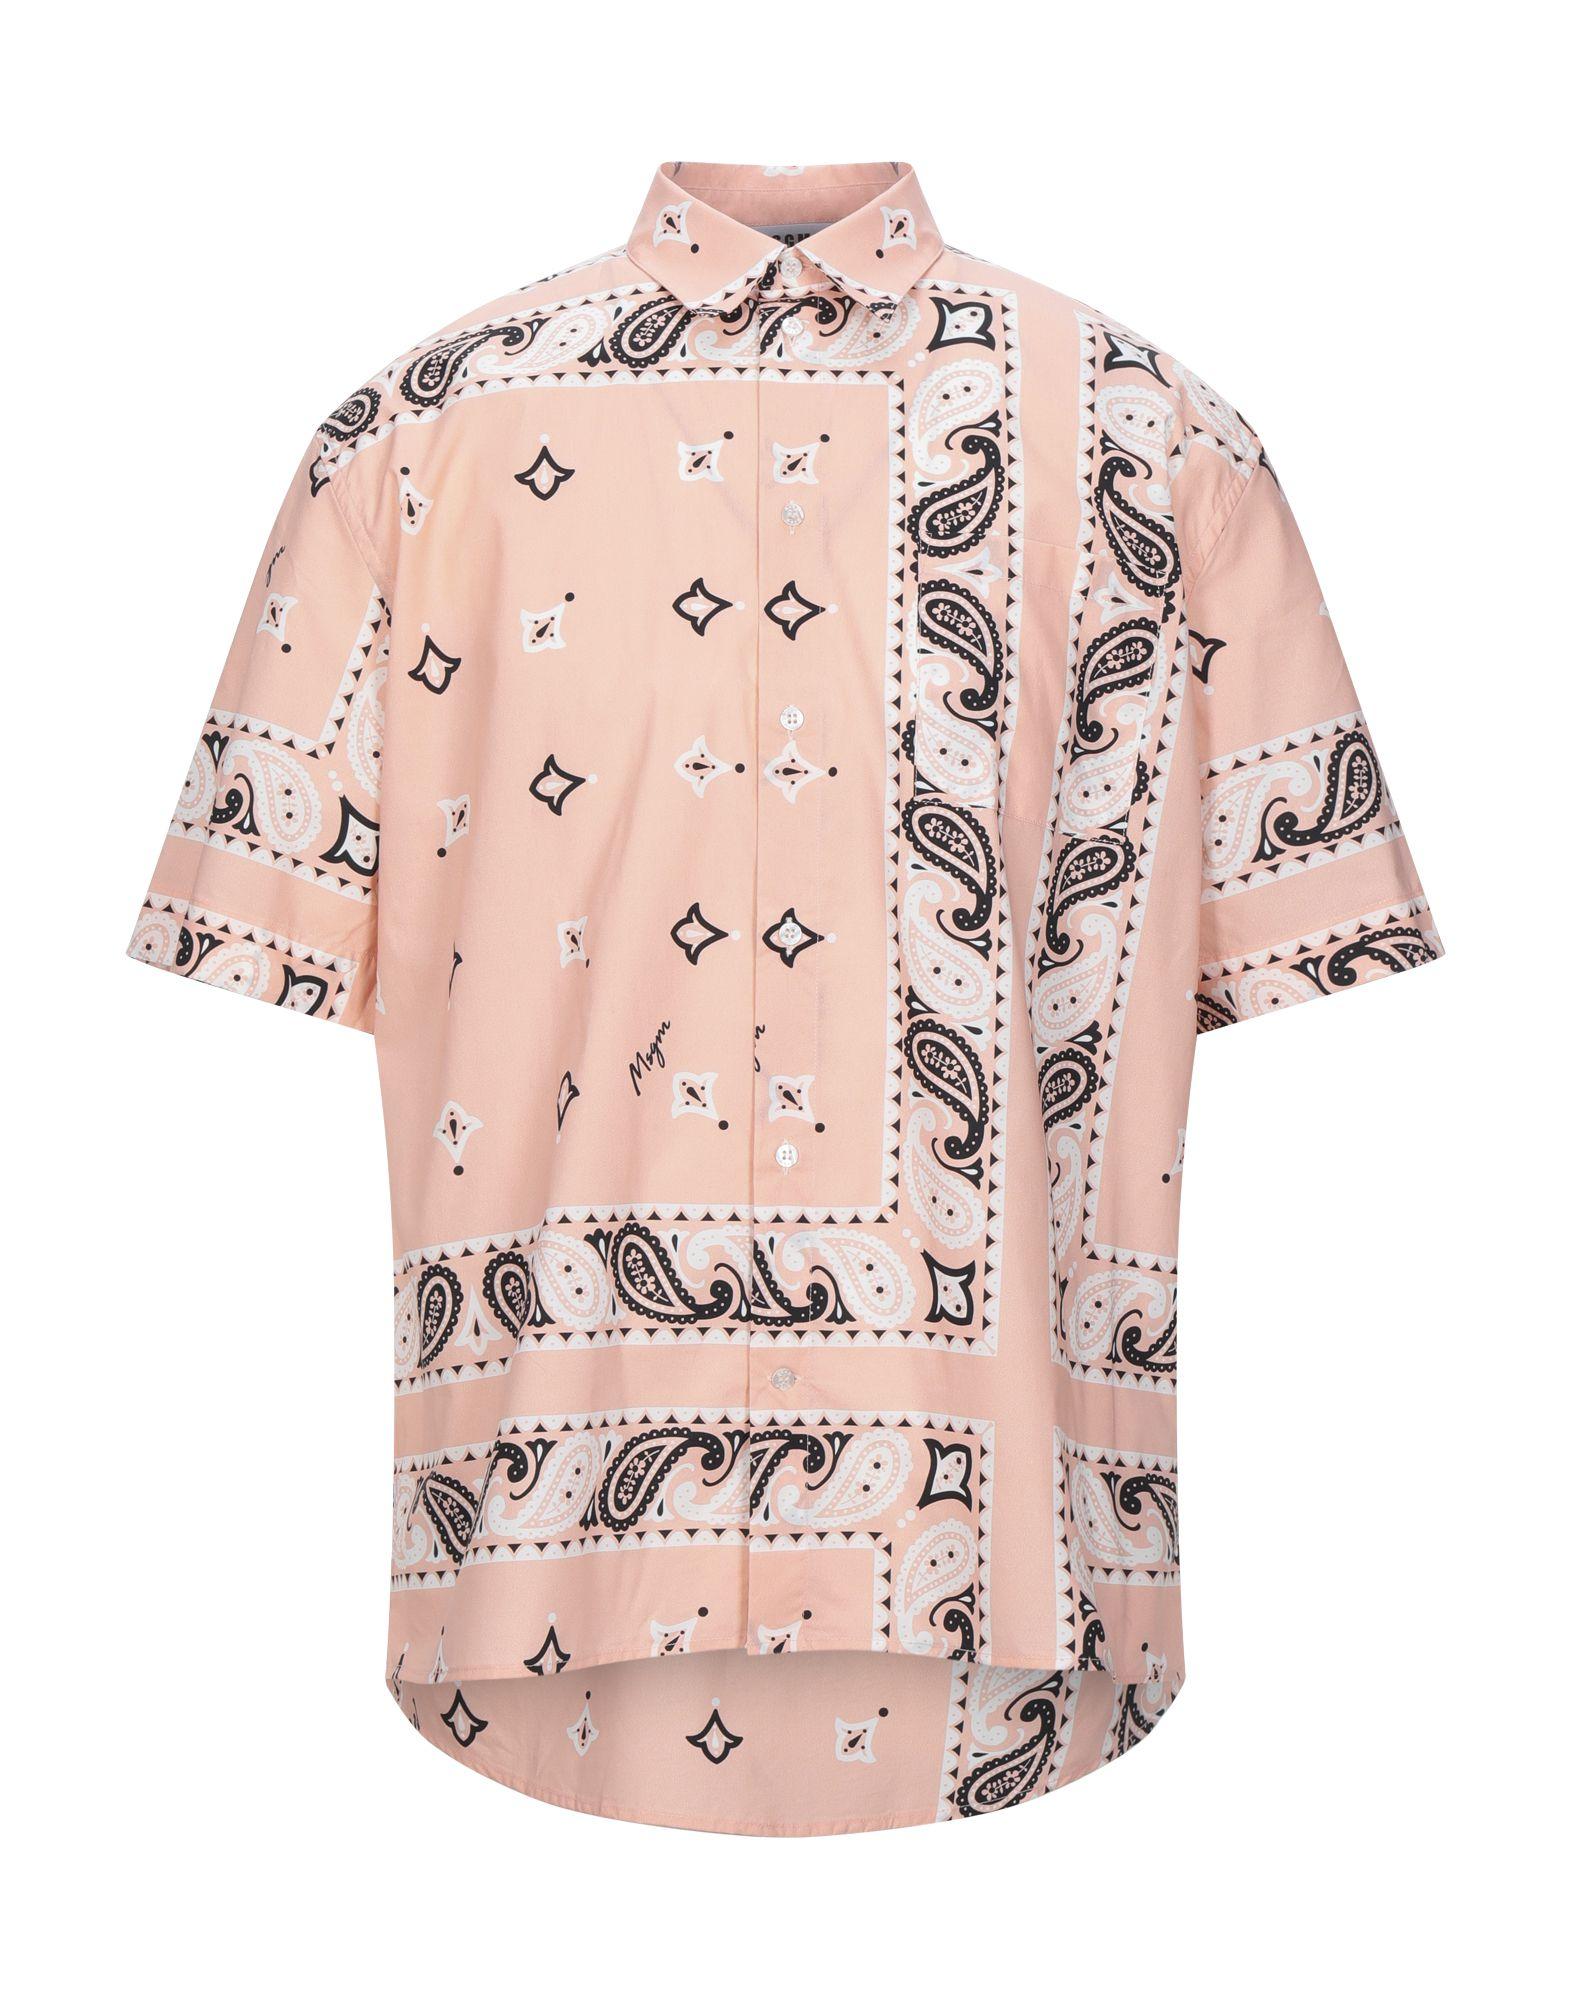 MSGM Shirts. plain weave, no appliqués, paisley-print, front closure, button closing, short sleeves, classic neckline, single chest pocket. 100% Cotton